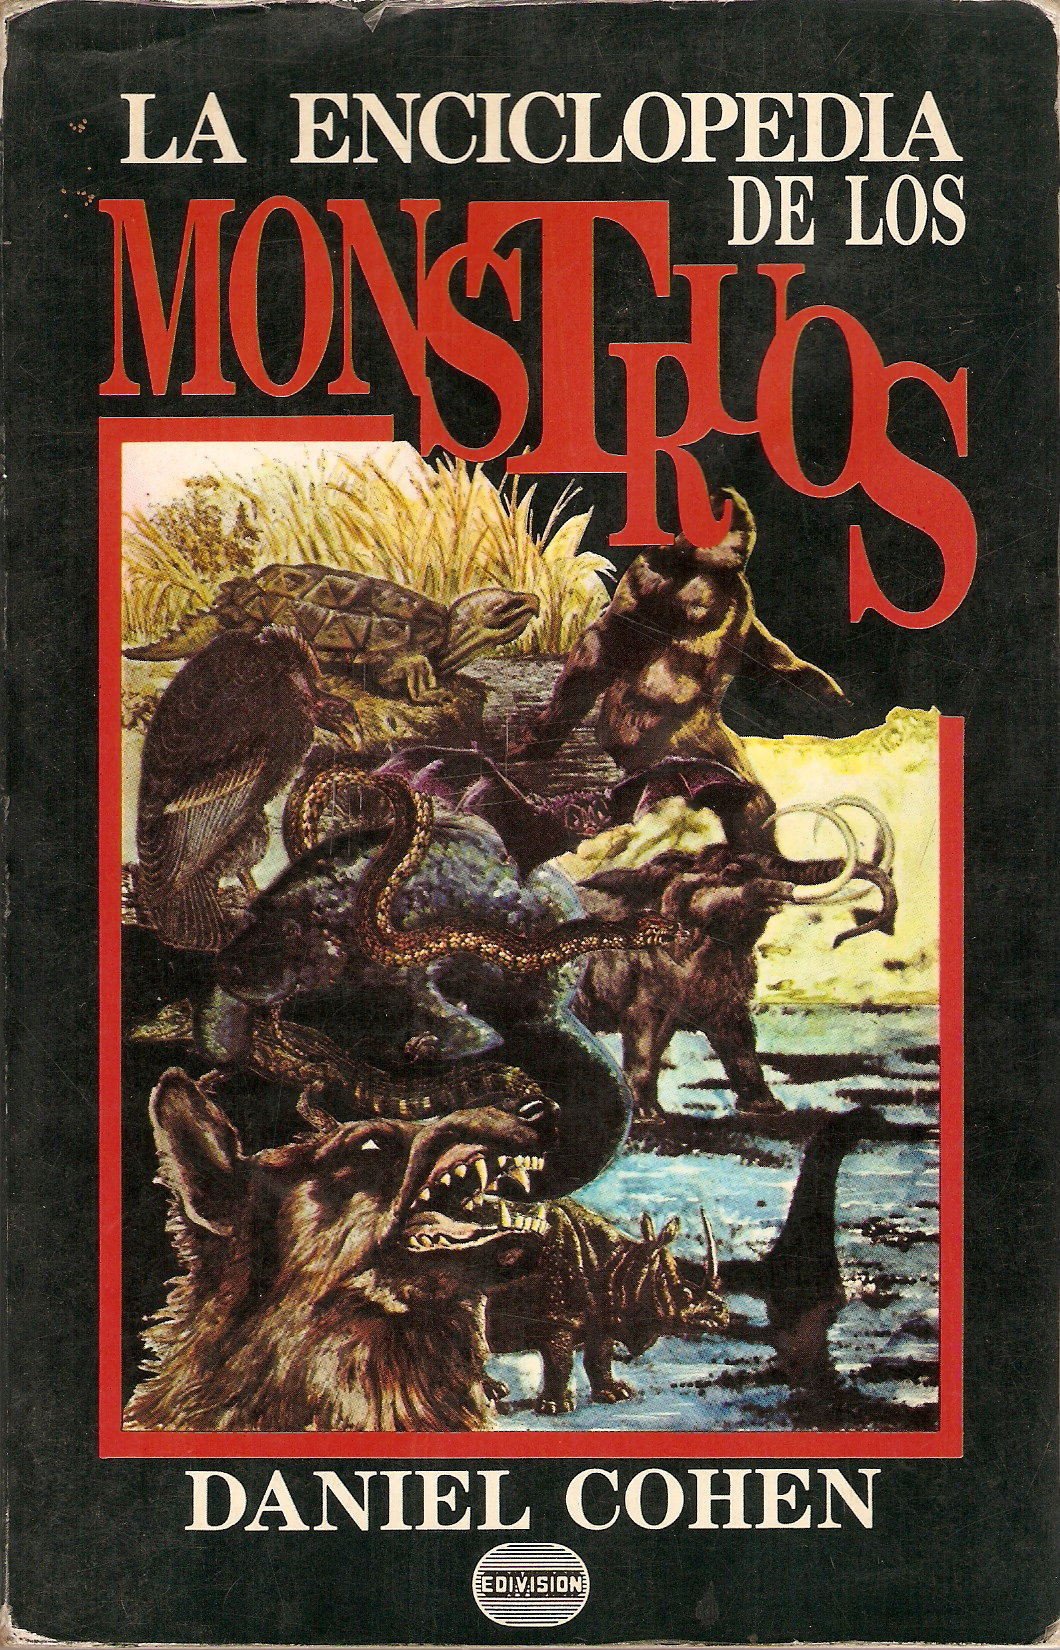 La enciclopedia de los monstruos